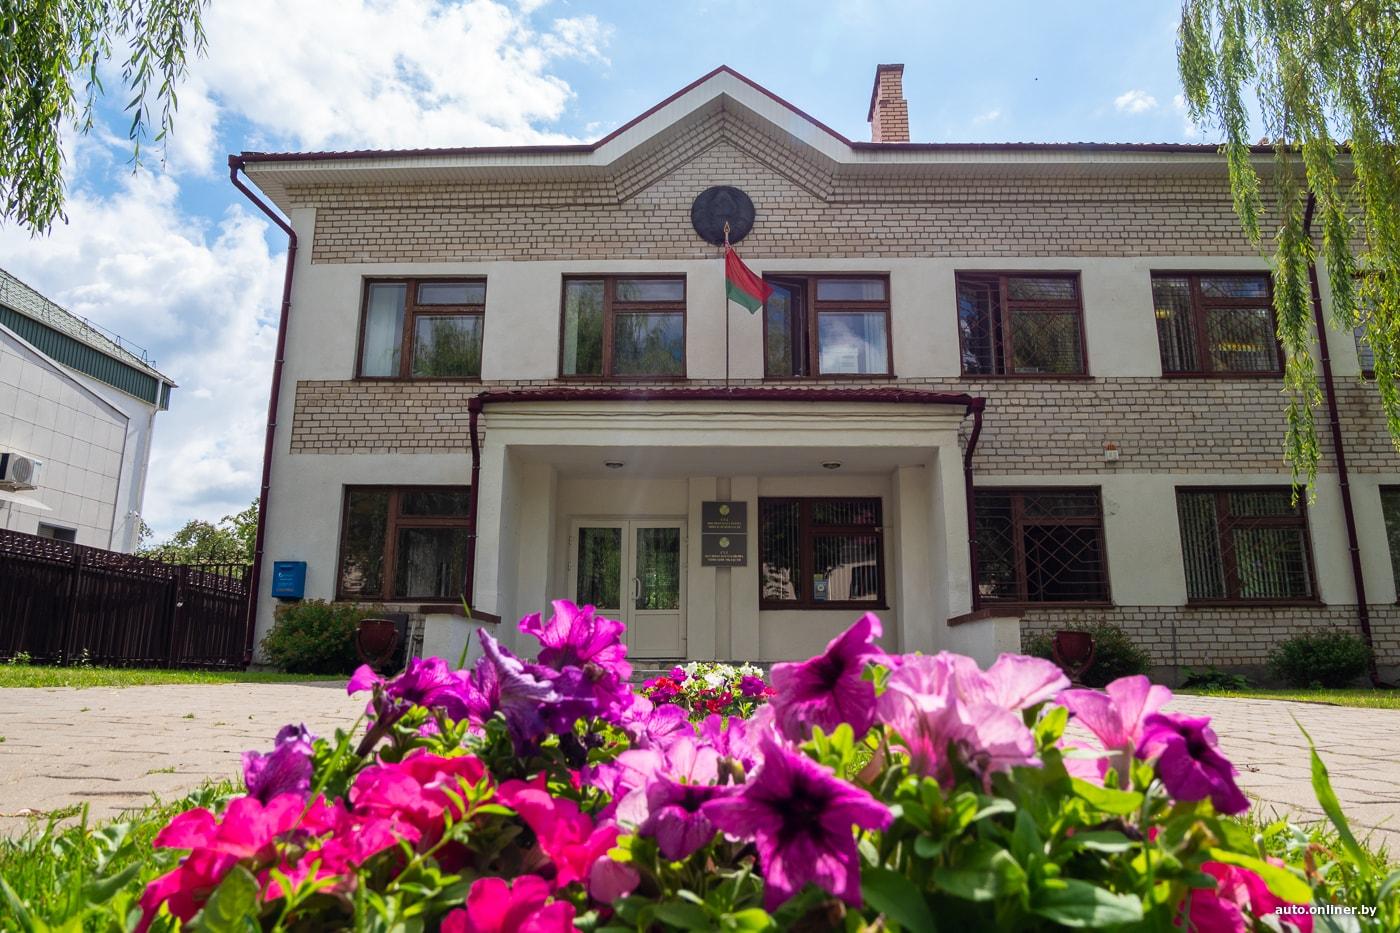 Дело рассматривается в Несвижском районном суде, т.к. ДТП произошло на территории этого района